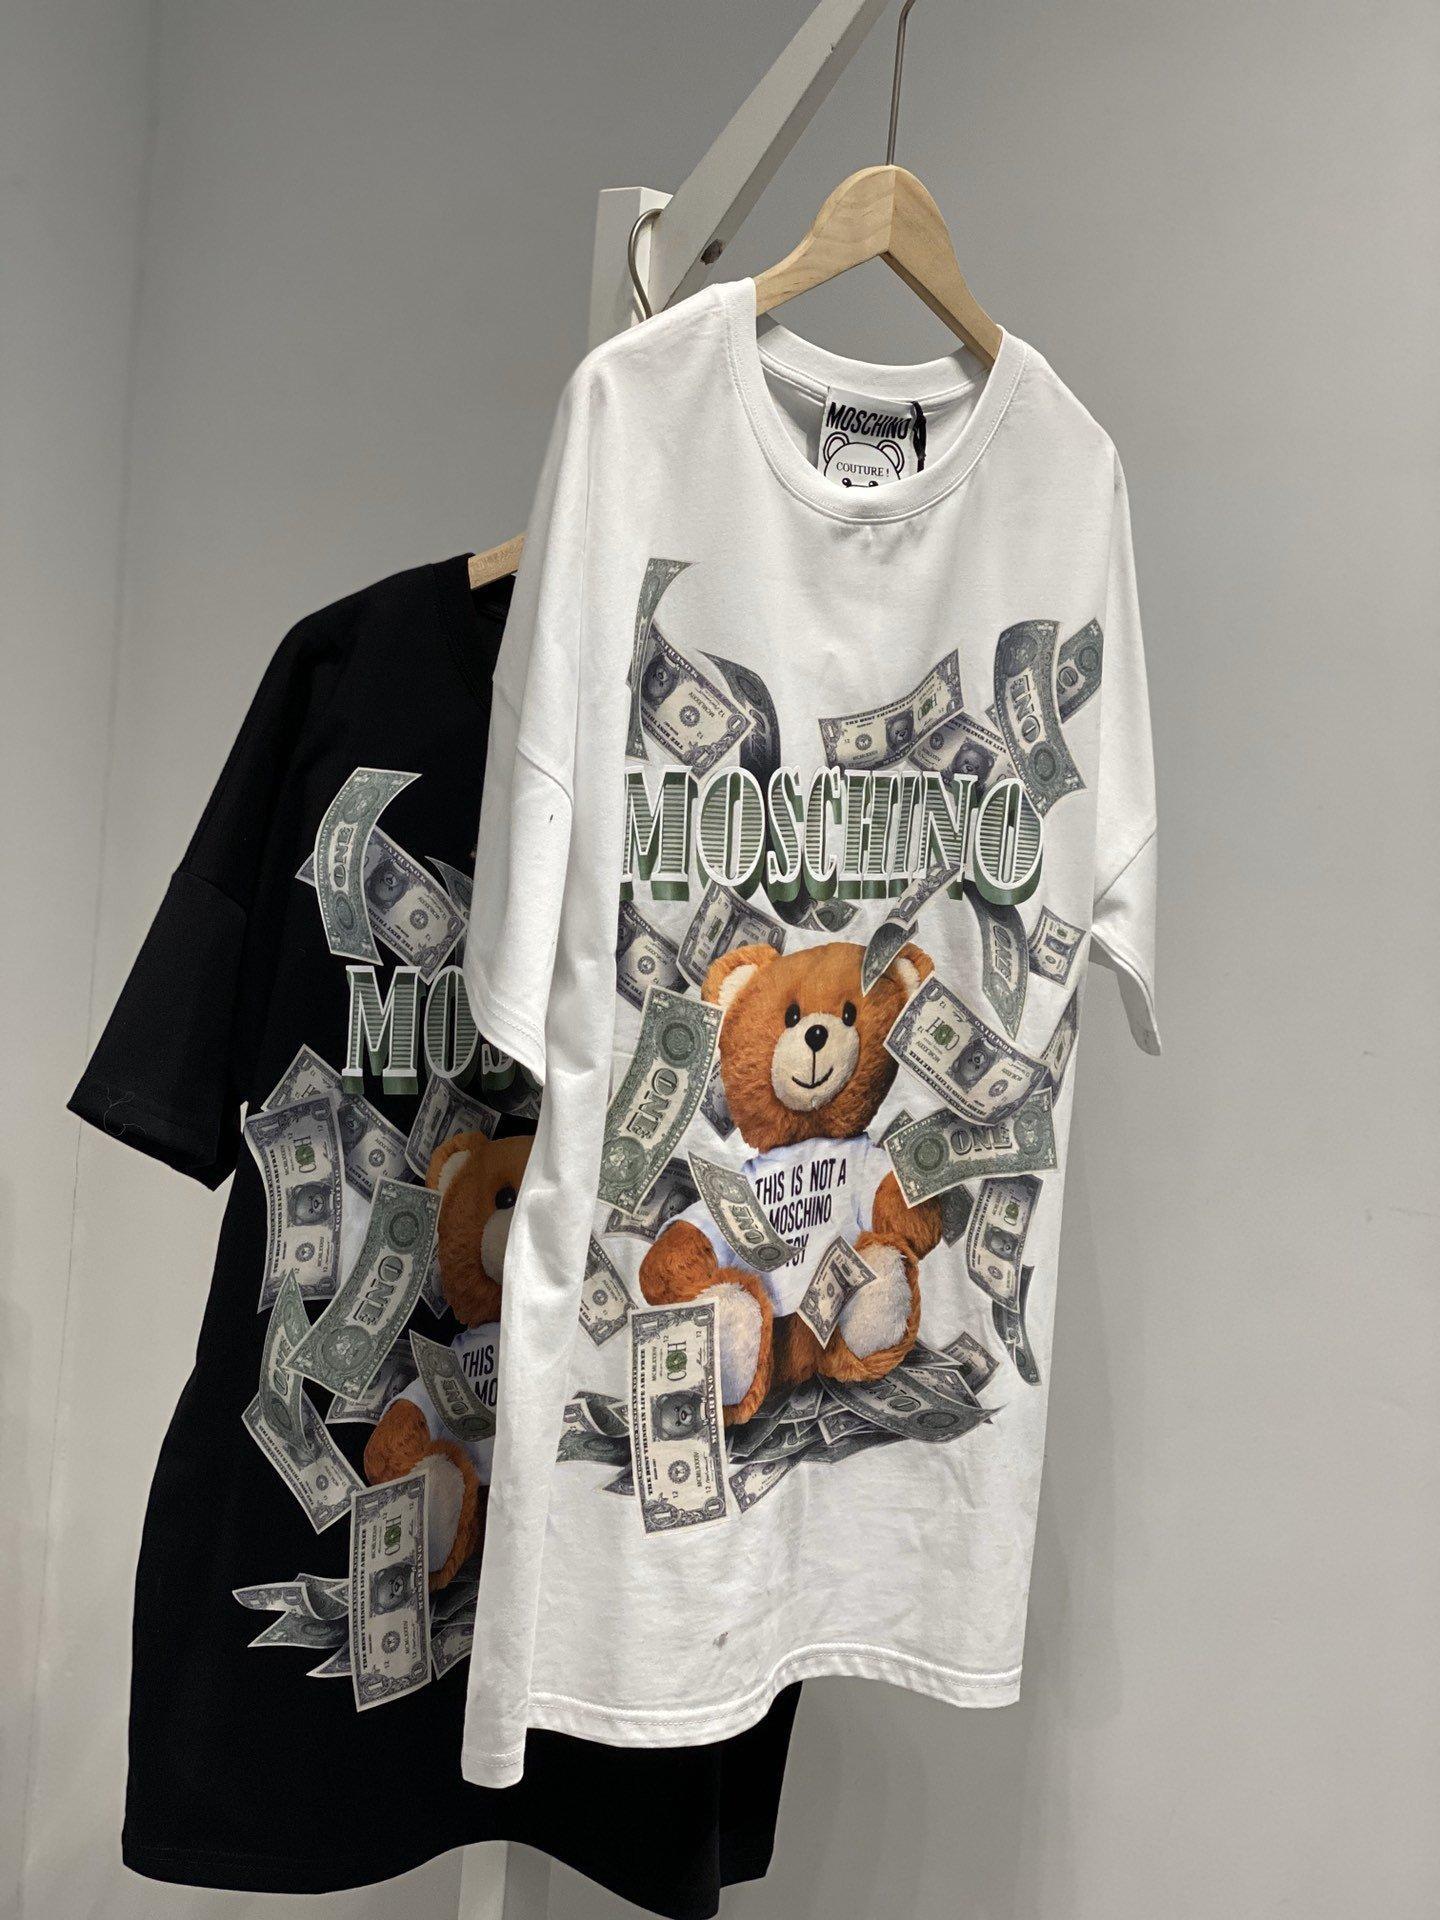 2020 Designertshirts New Spring donne uomo T-shirt Nuovo arrivo della nave libera modo di alta qualità di lusso degli uomini maglietta casuale Asain Dimensioni B105868D